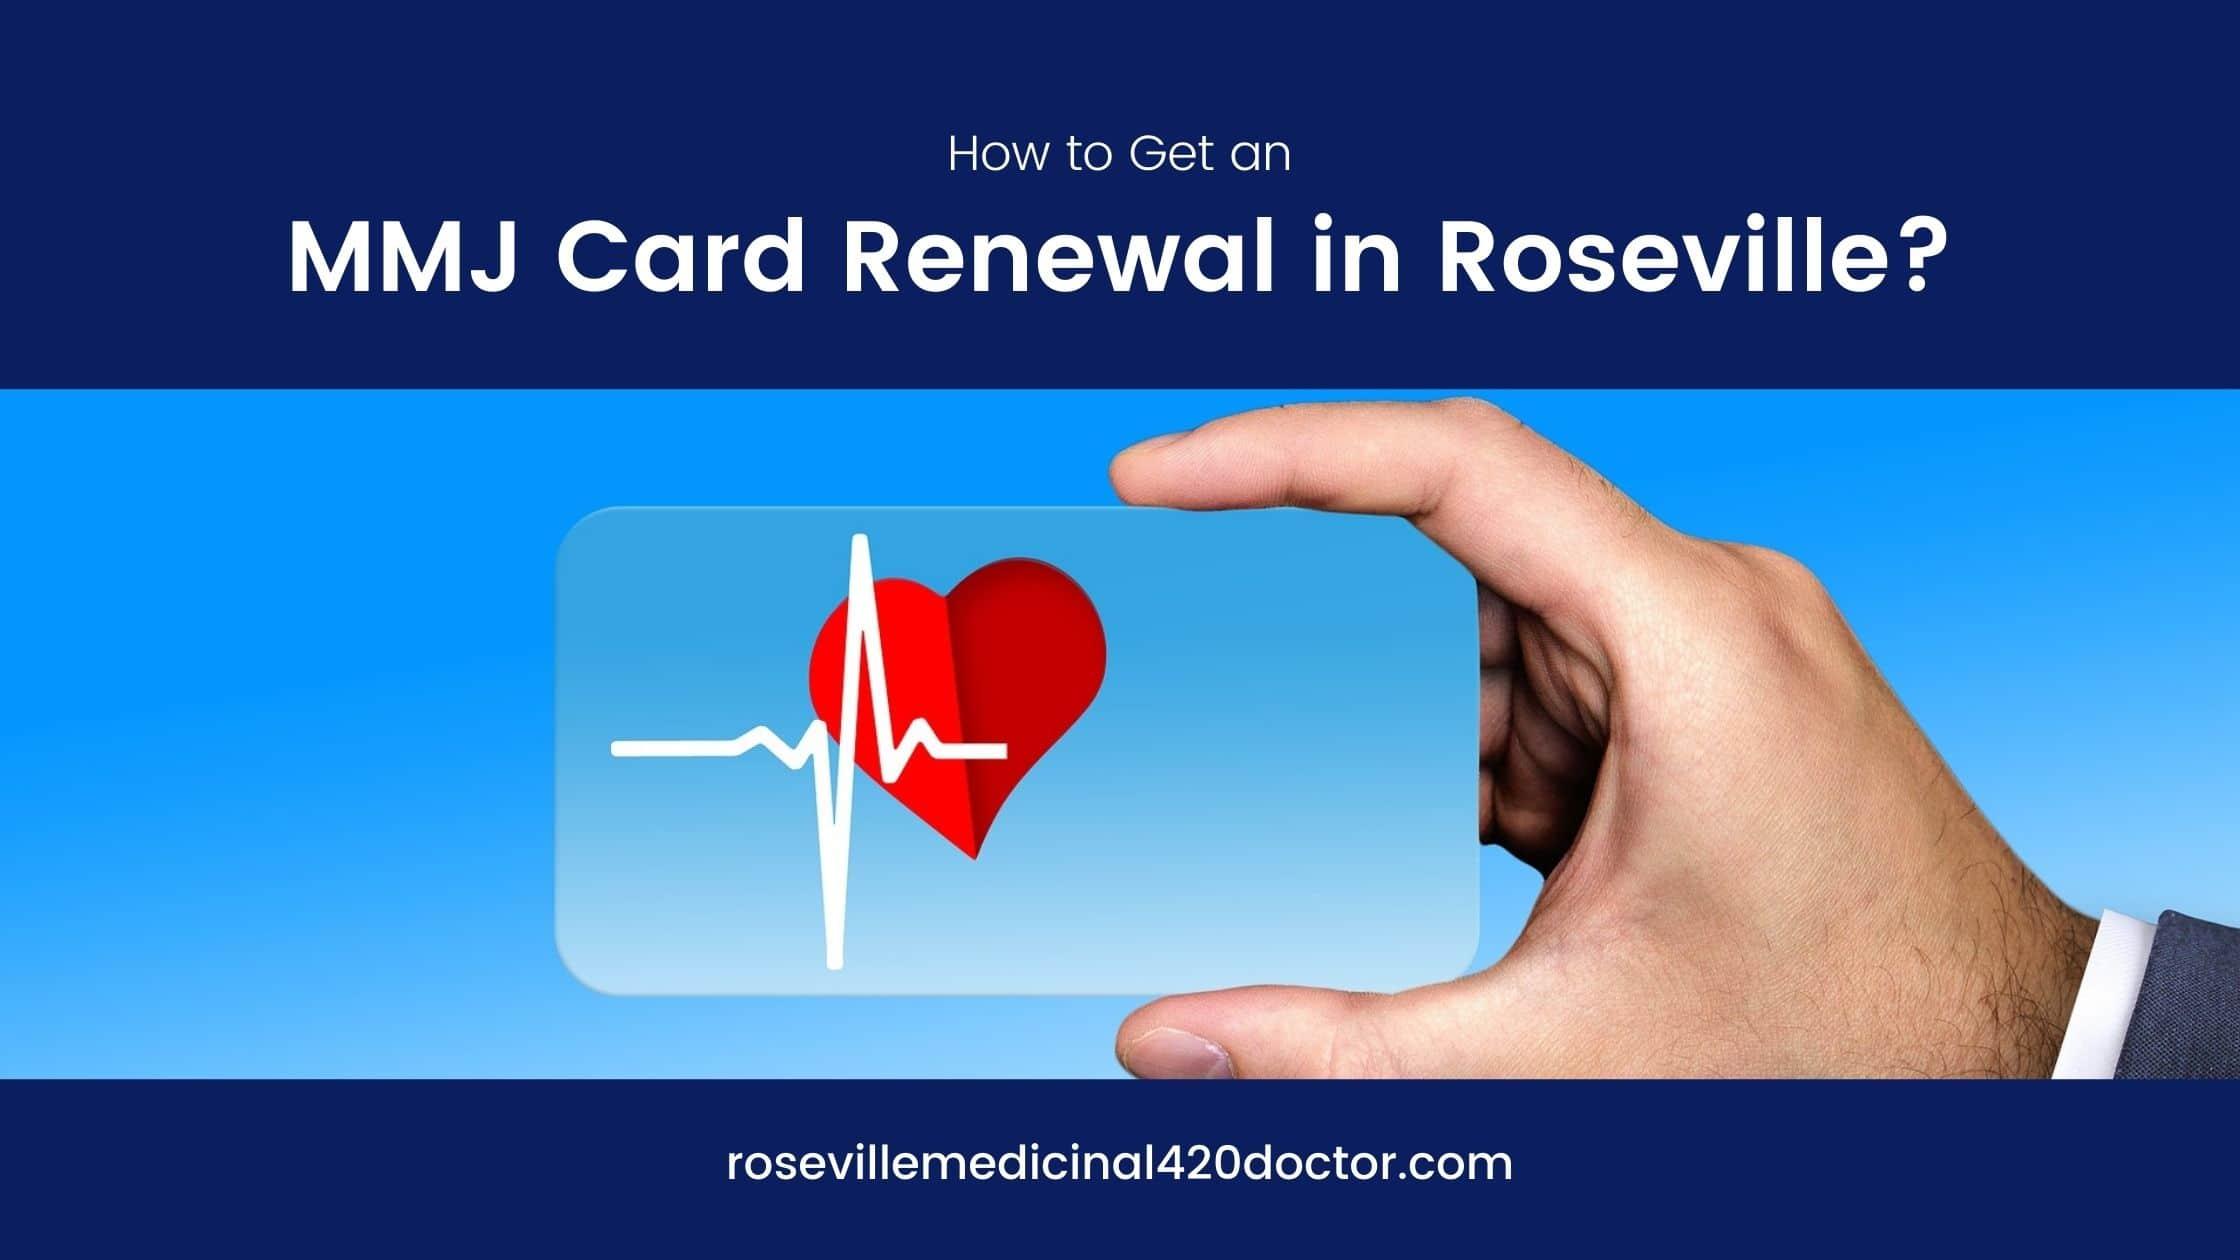 MMJ Card Renewal